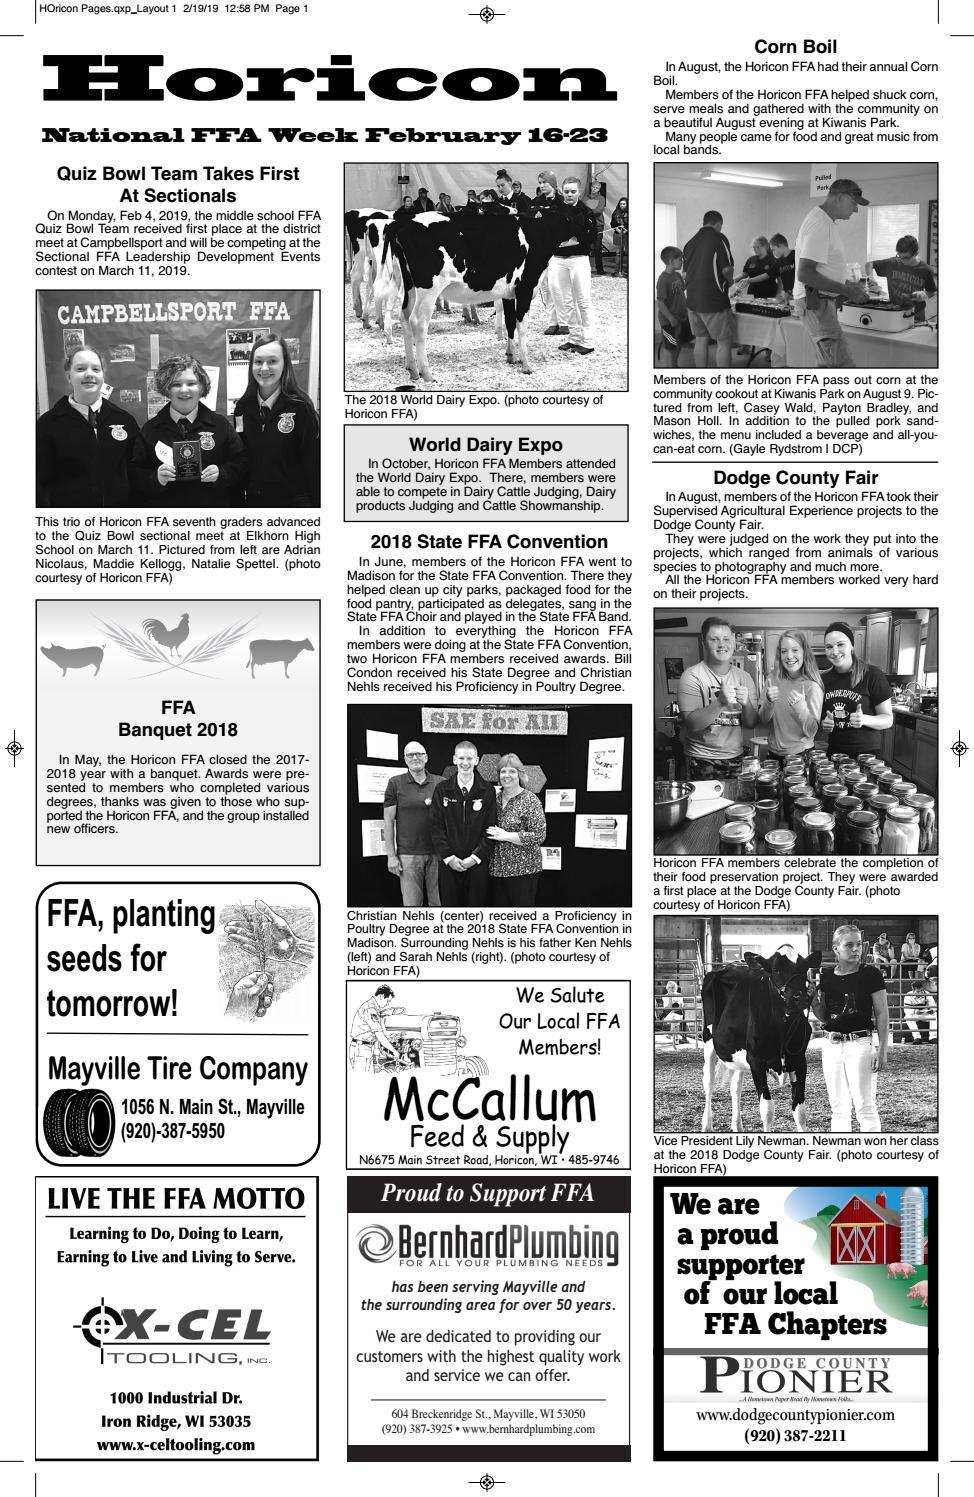 Horicon FFA 2019 by Dodge County Pionier - issuu